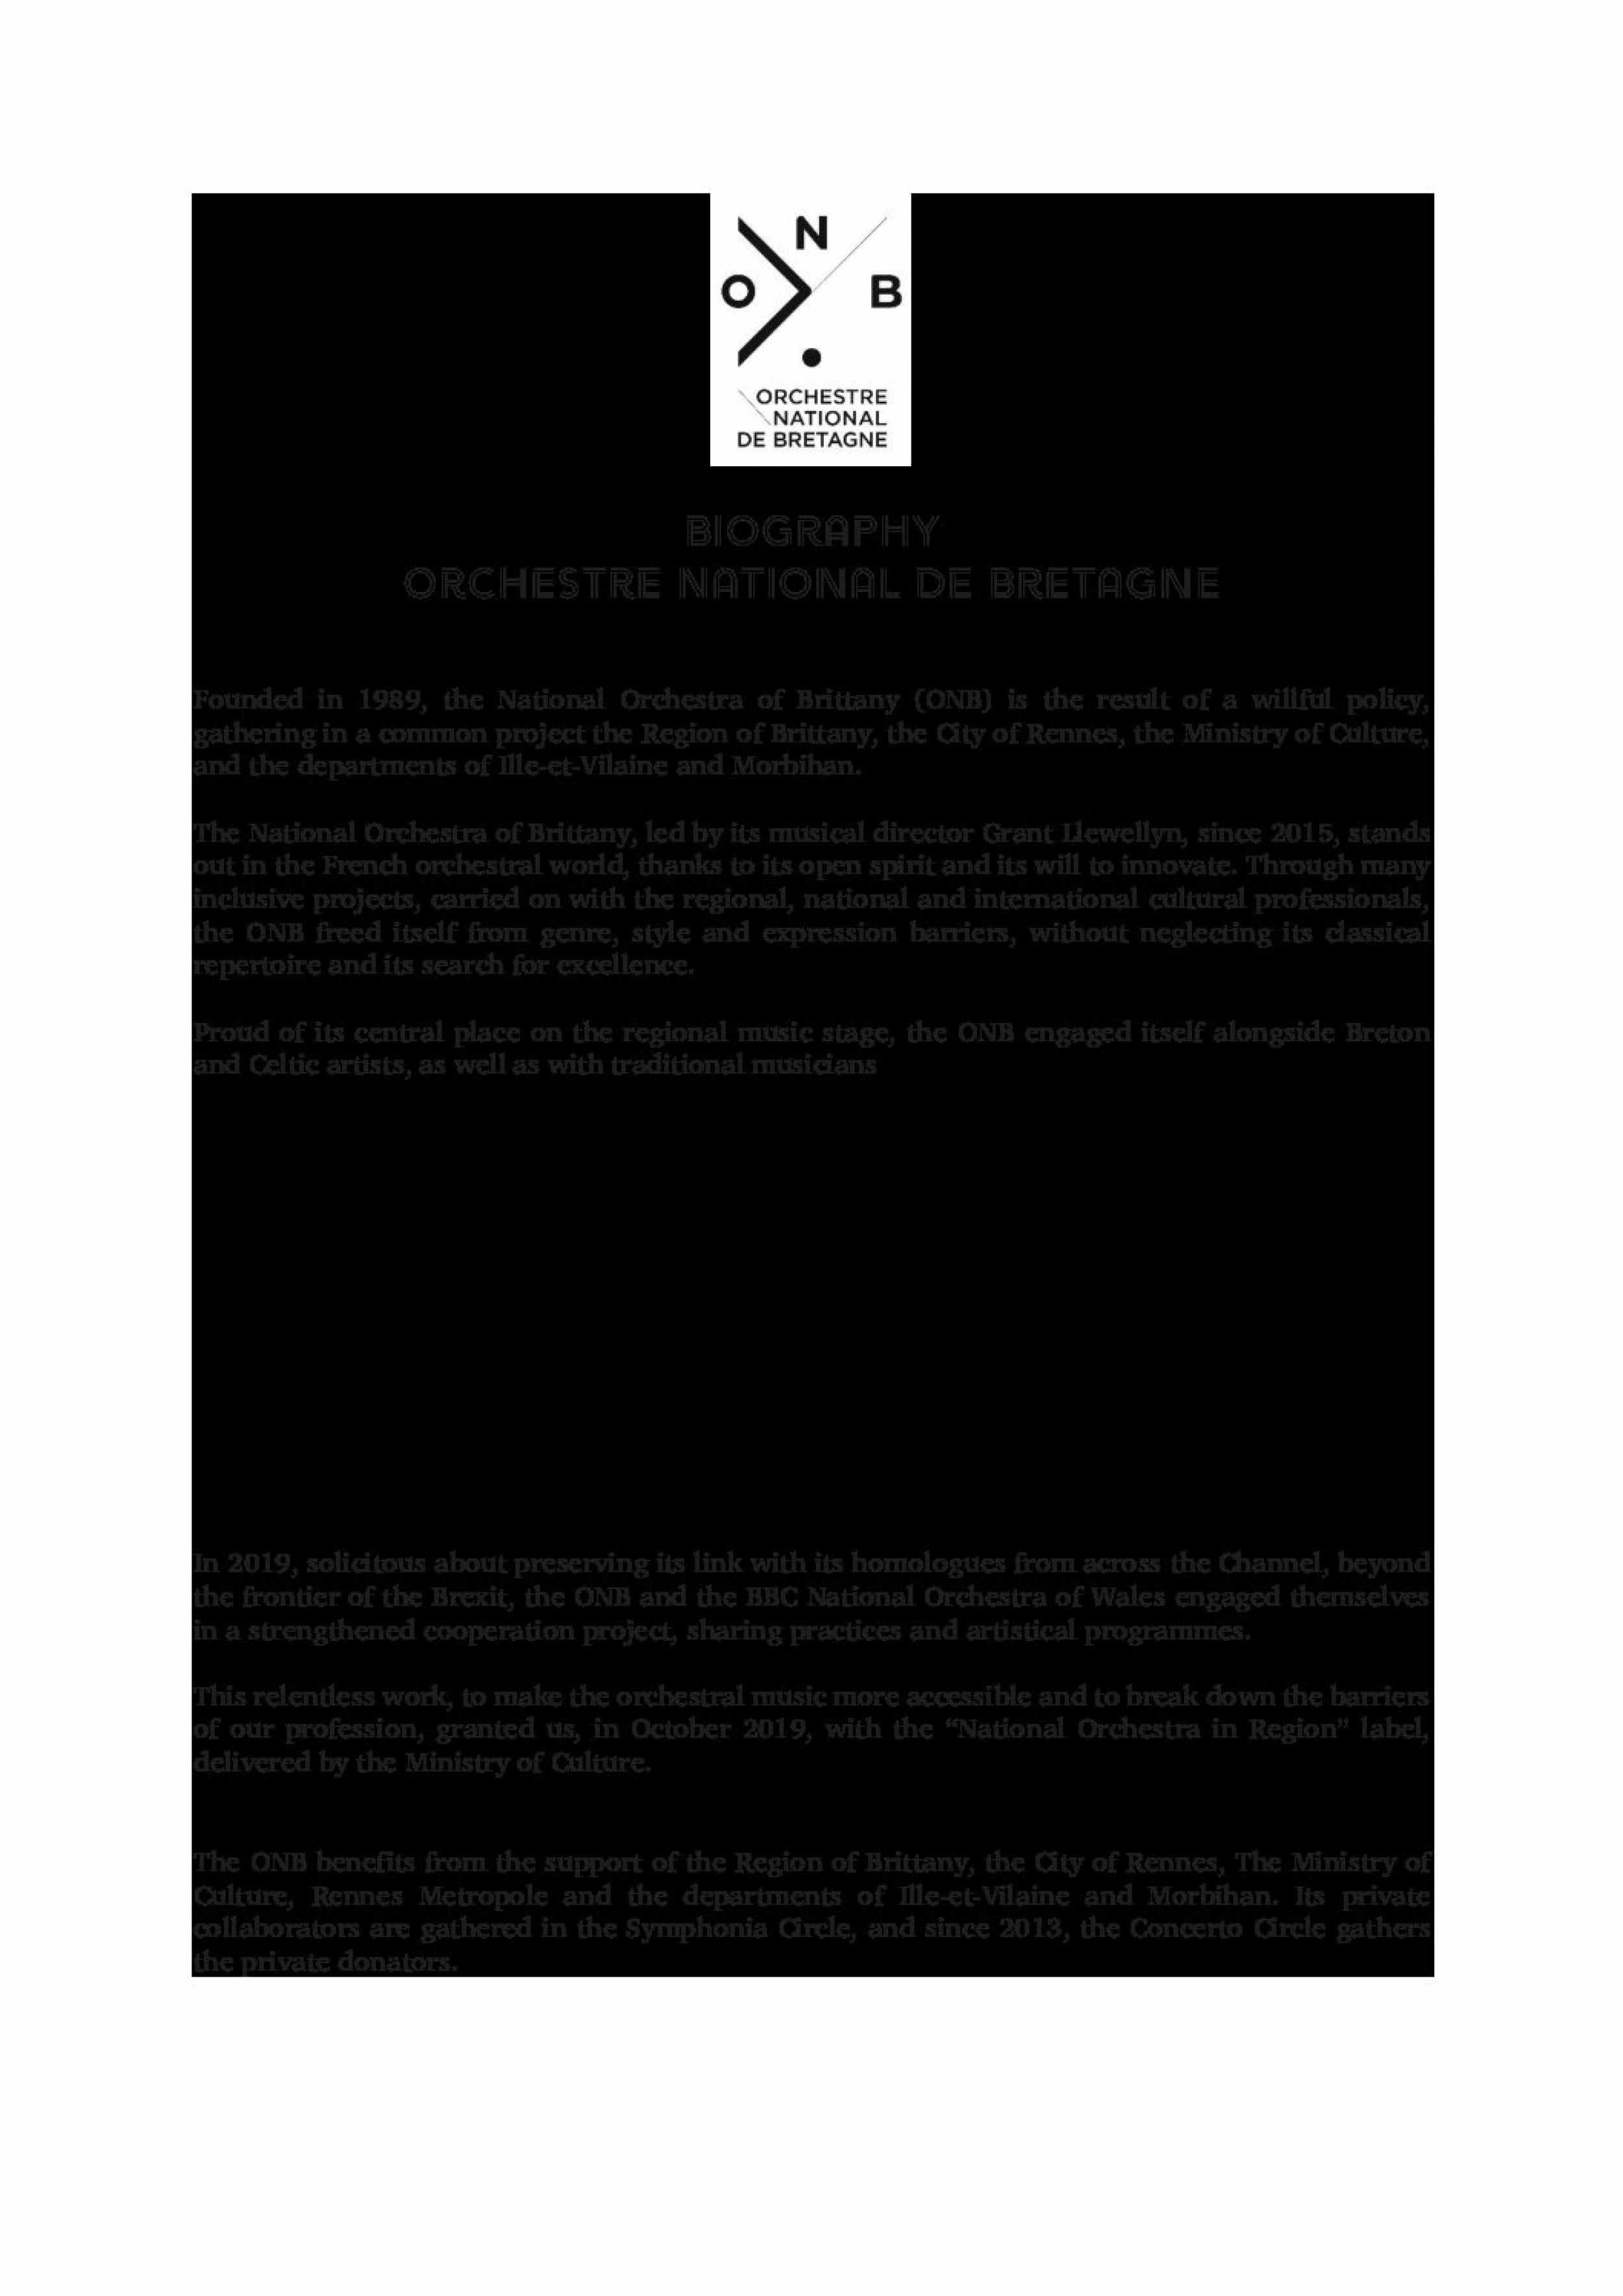 Biographie Anglais - Orchestre National de Bretagne